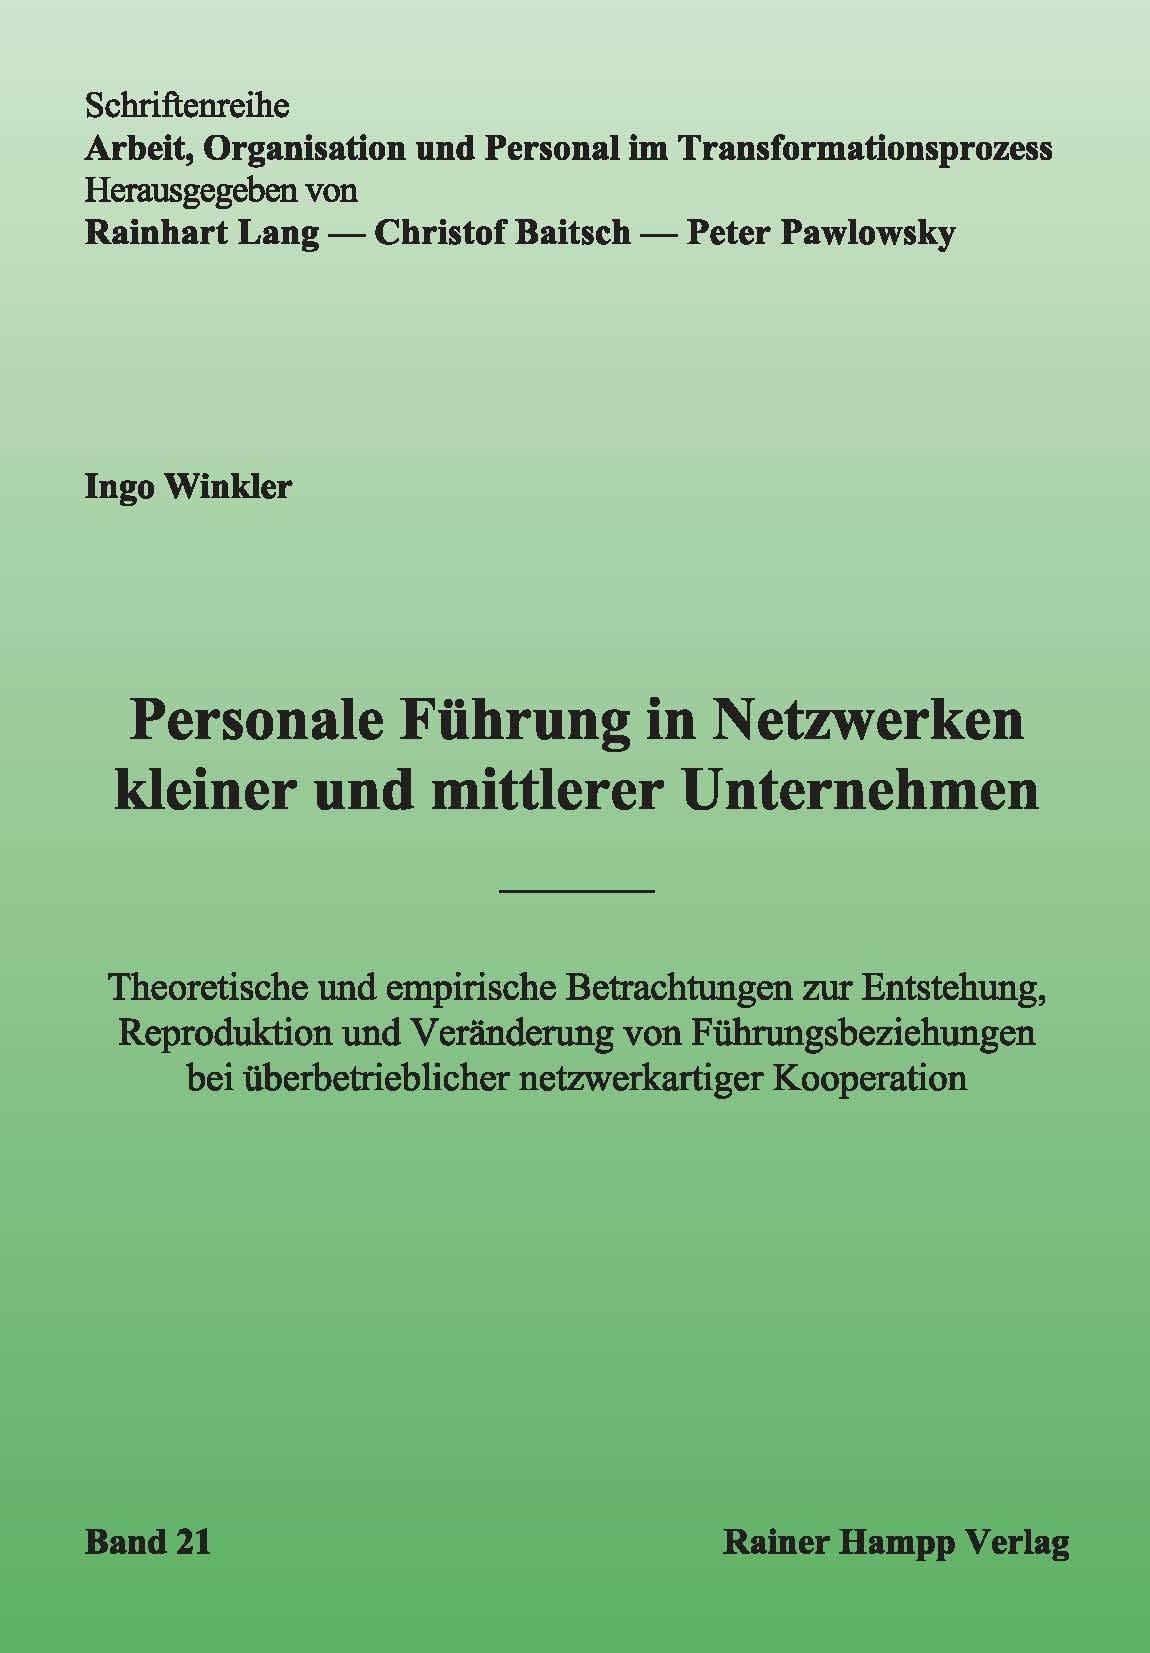 Personale Führung in Netzwerken kleiner und mittlerer Unternehmen: Theoretische und empirische Betrachtungen zur Entstehung, Reproduktion und überbetrieblicher netzwerkartiger Kooperation